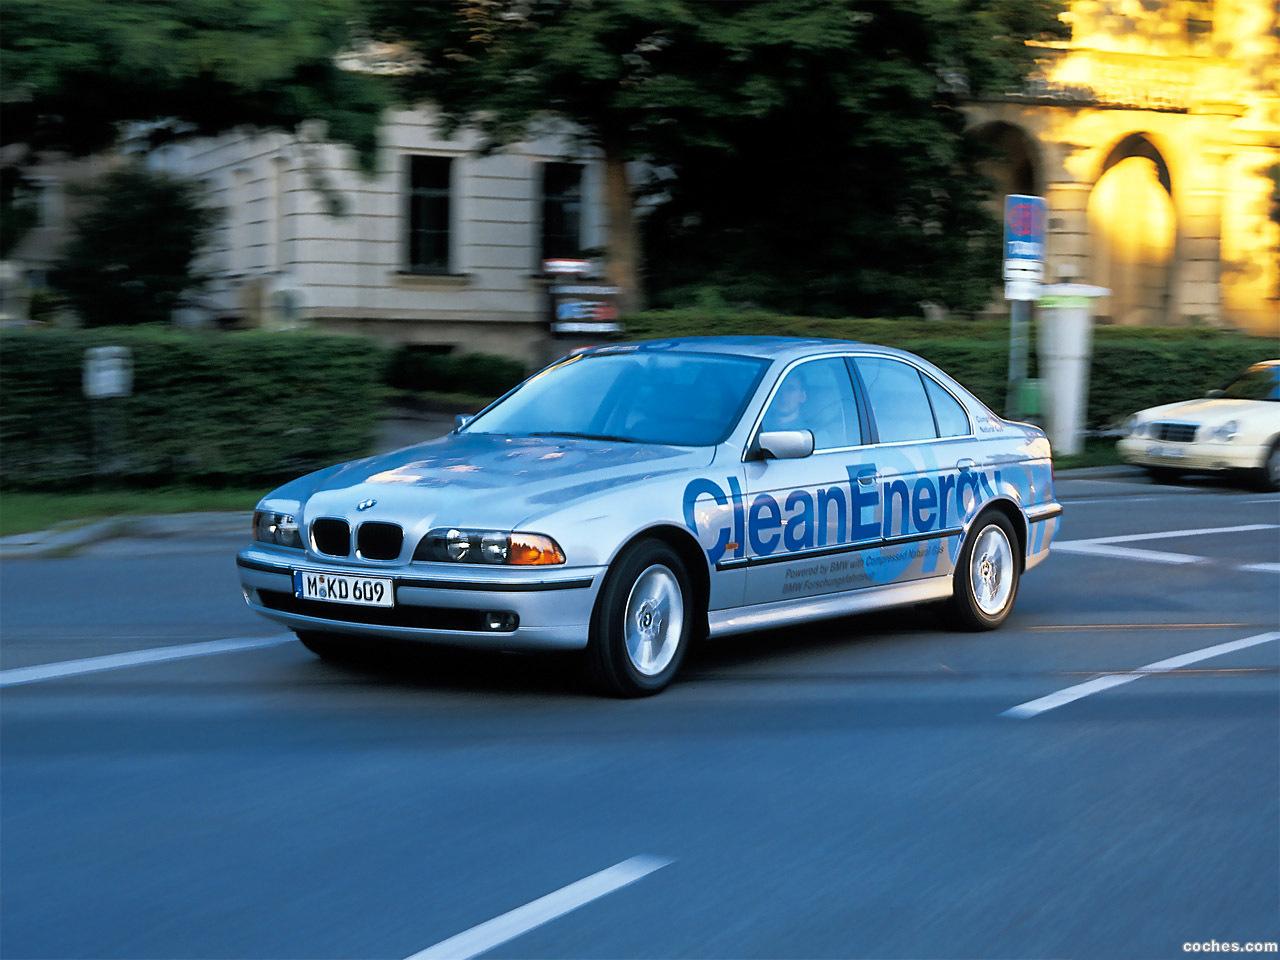 Foto 0 de BMW Serie 5 523g Clean Energy Concept E39 1999